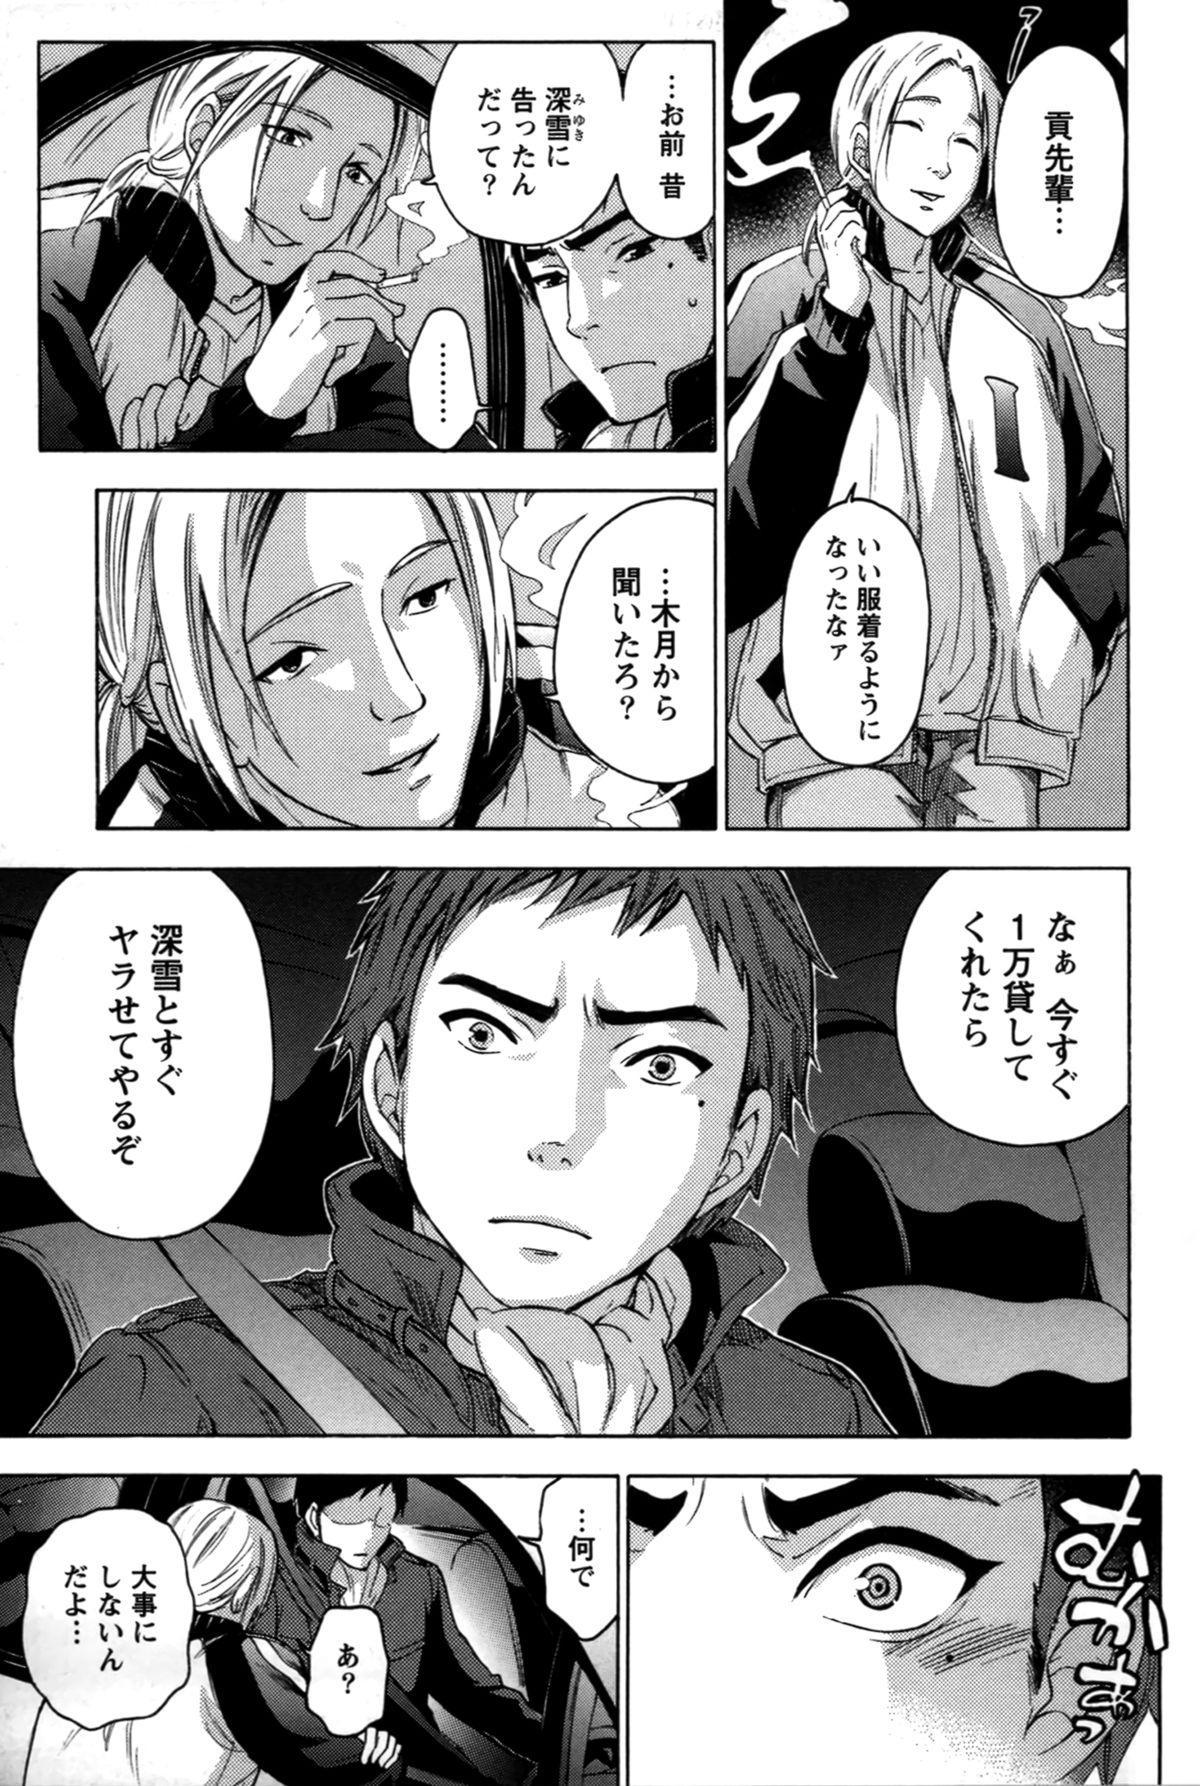 Anata to Watashi wa Warukunai 16